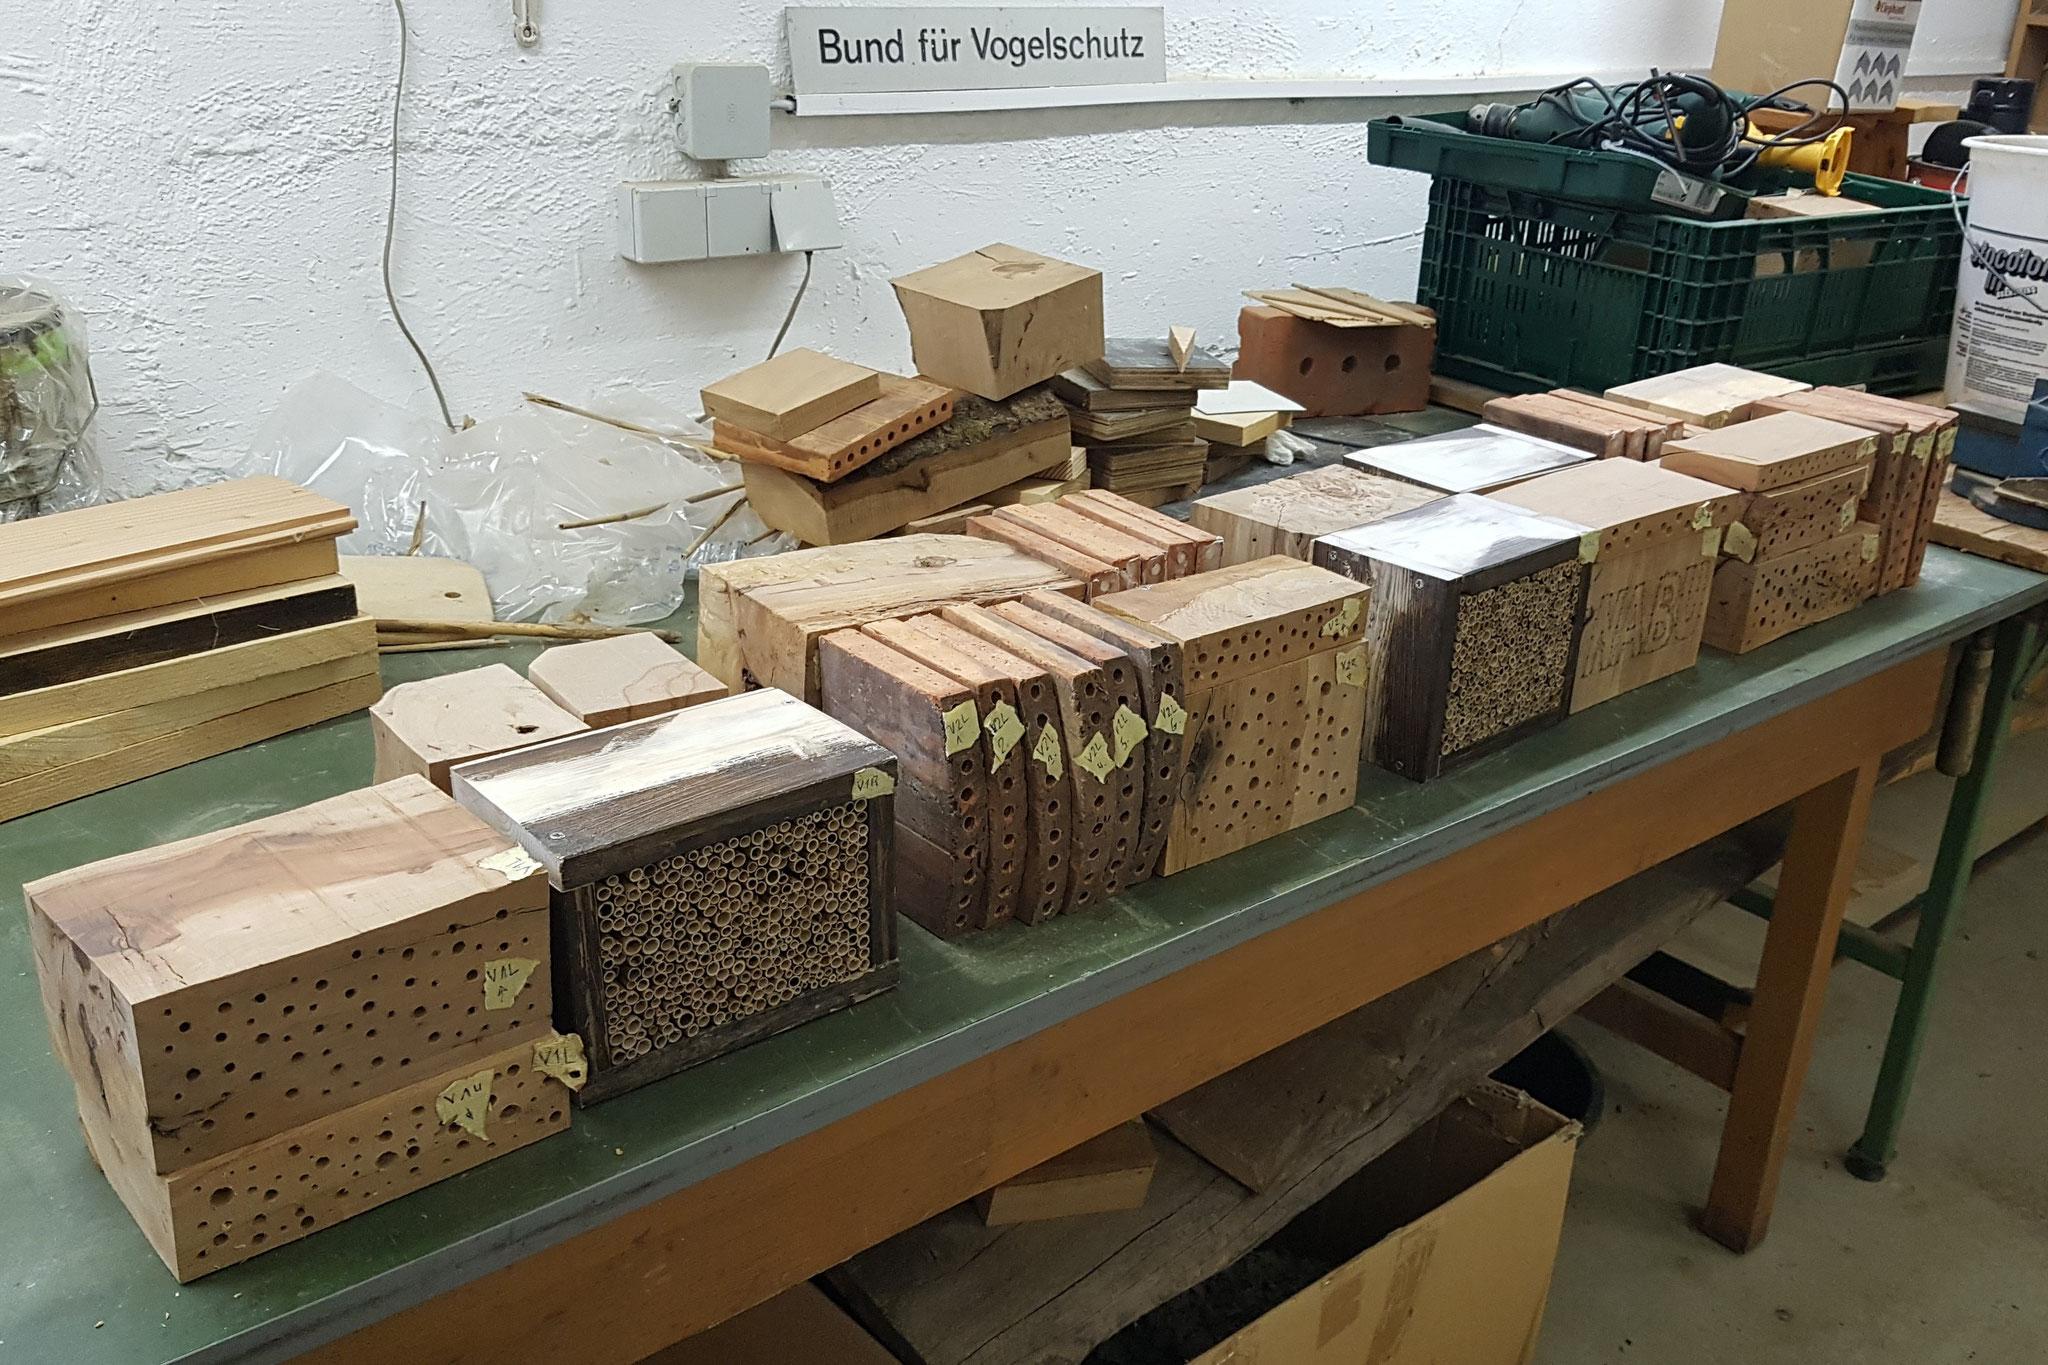 Sorgfältig beschriftete Elemente zum Einbau bereit (Foto: M. Budig)